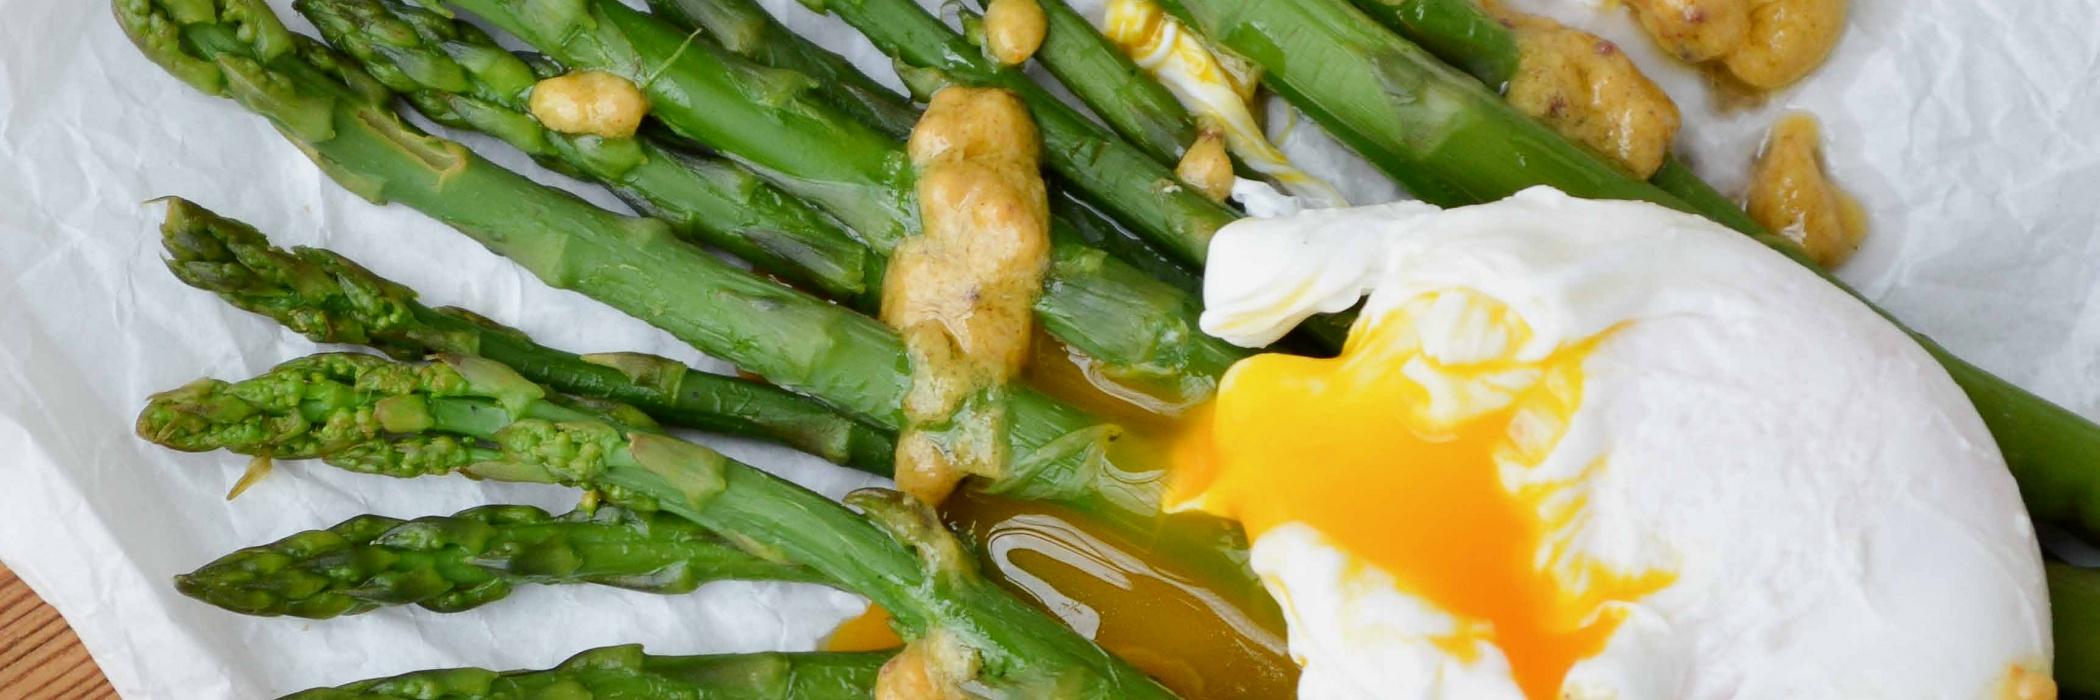 Asparagi con uova in camicia